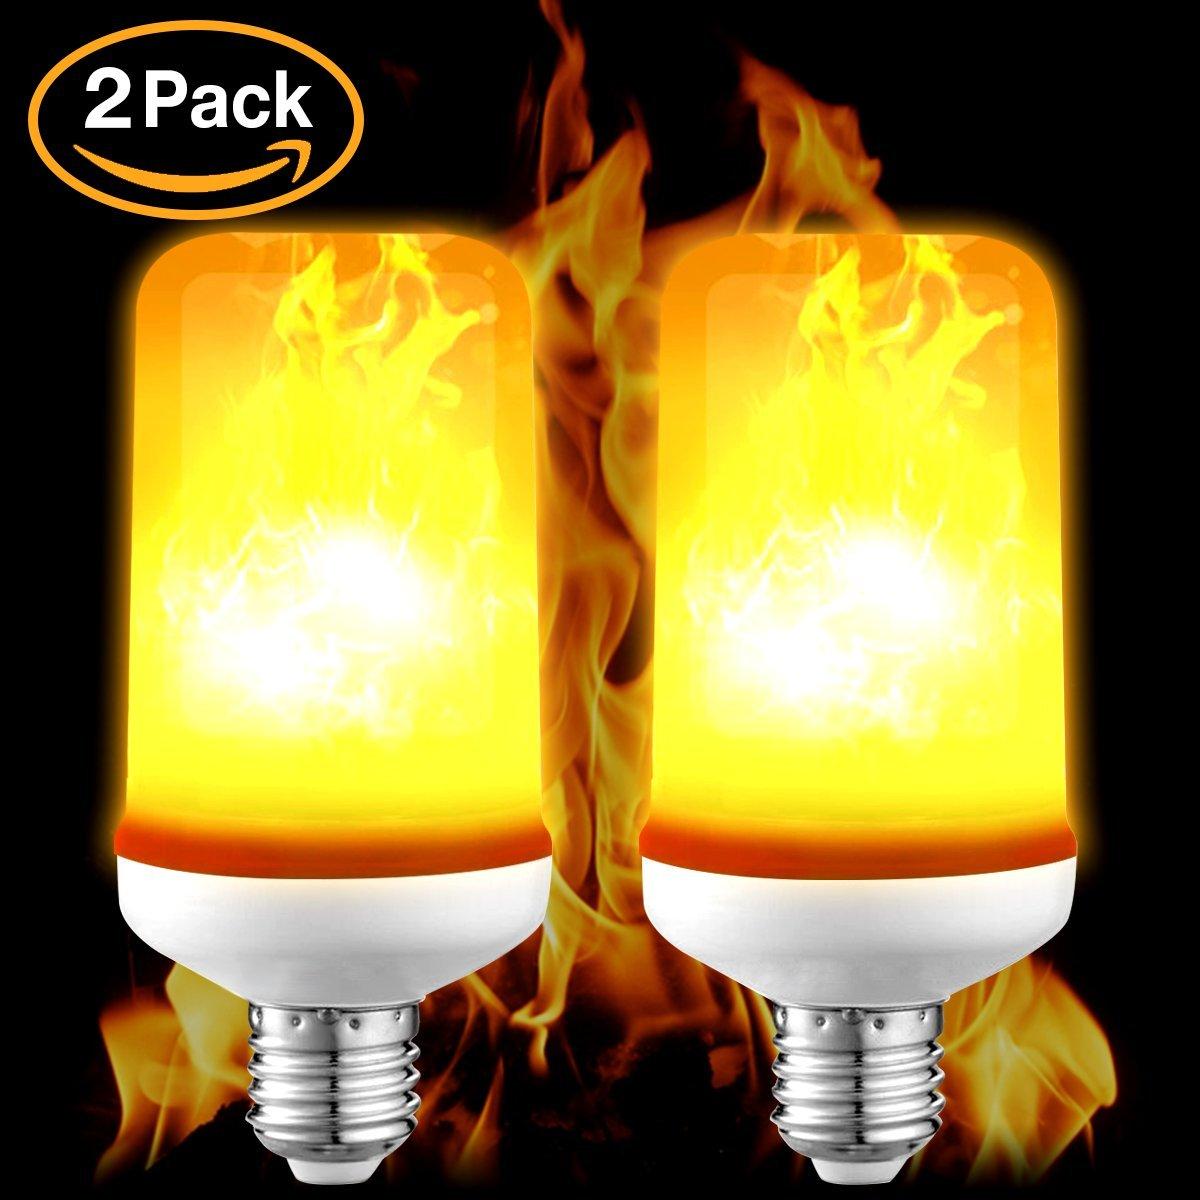 MCIRCOアップグレード3モードLED炎効果Fire Lightライトちらつきwithエミュレーション、大気ヴィンテージ装飾ランプの電球、2個クリエイティブのホテル/バー/ホーム装飾/レストラン B077SW36Z5